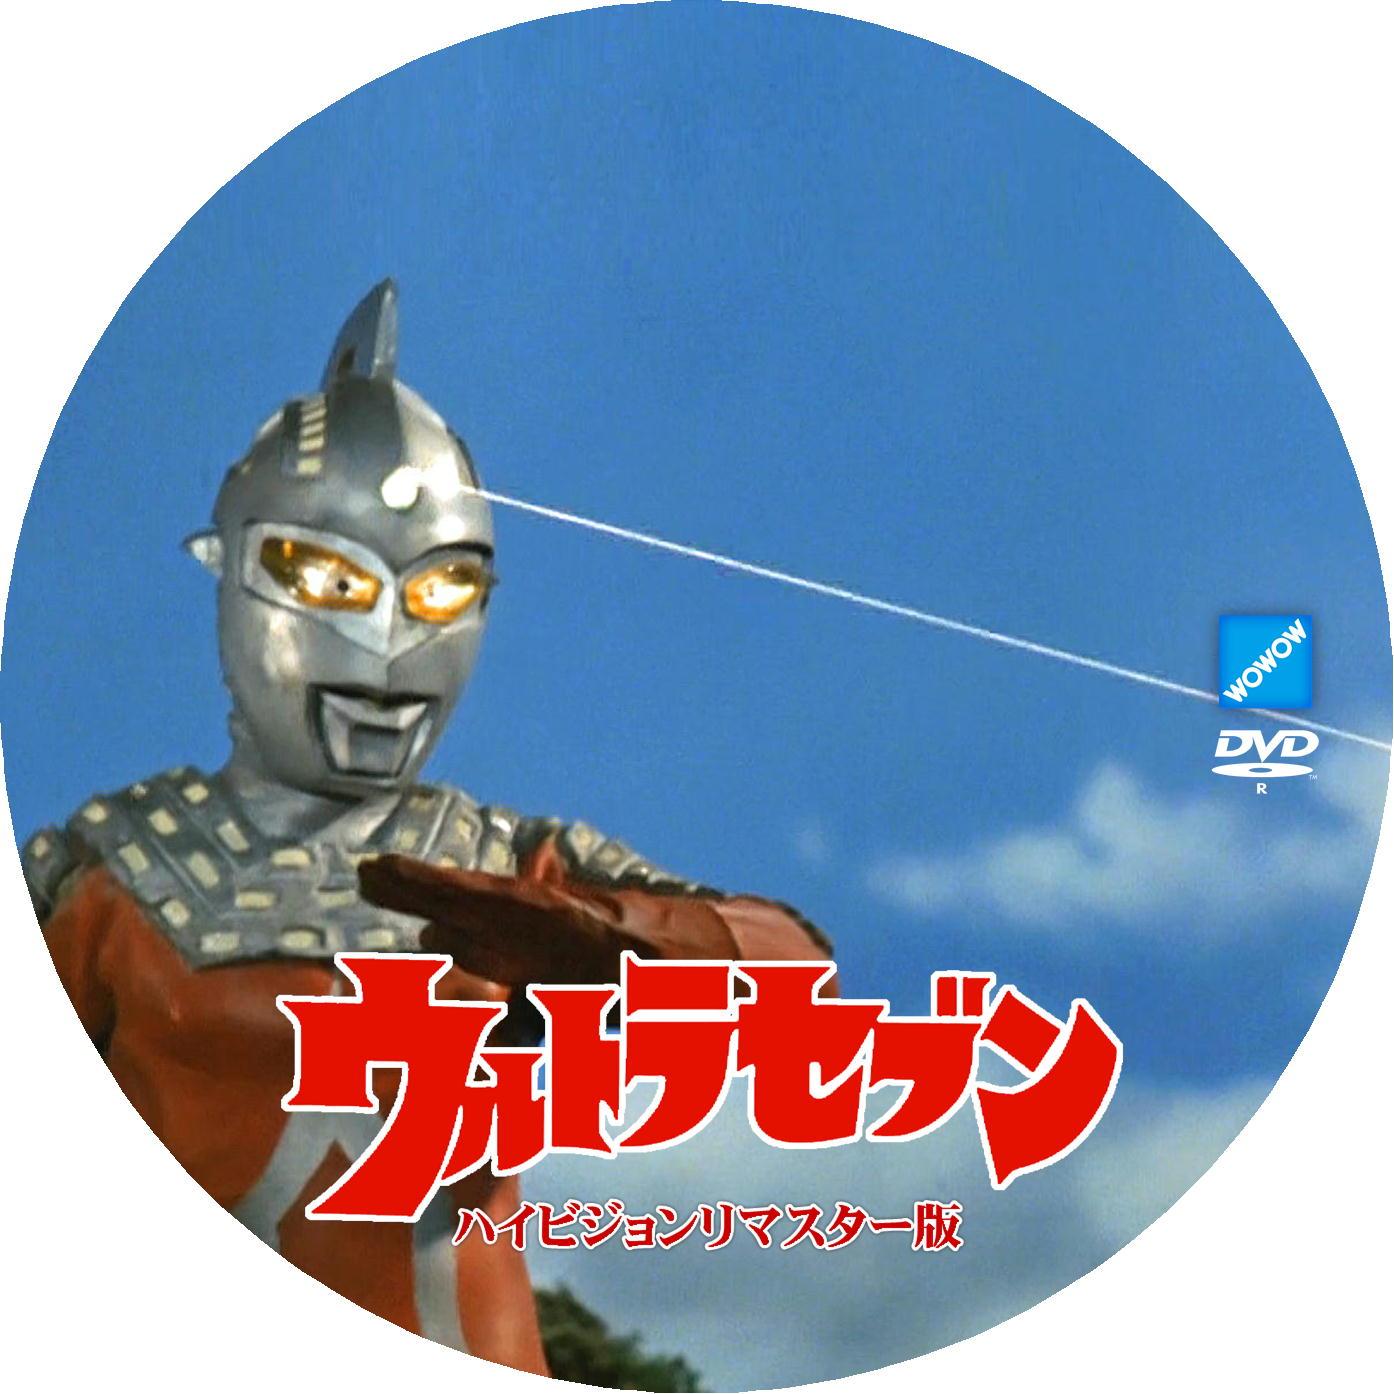 エメリウム光線 DVDラベル2